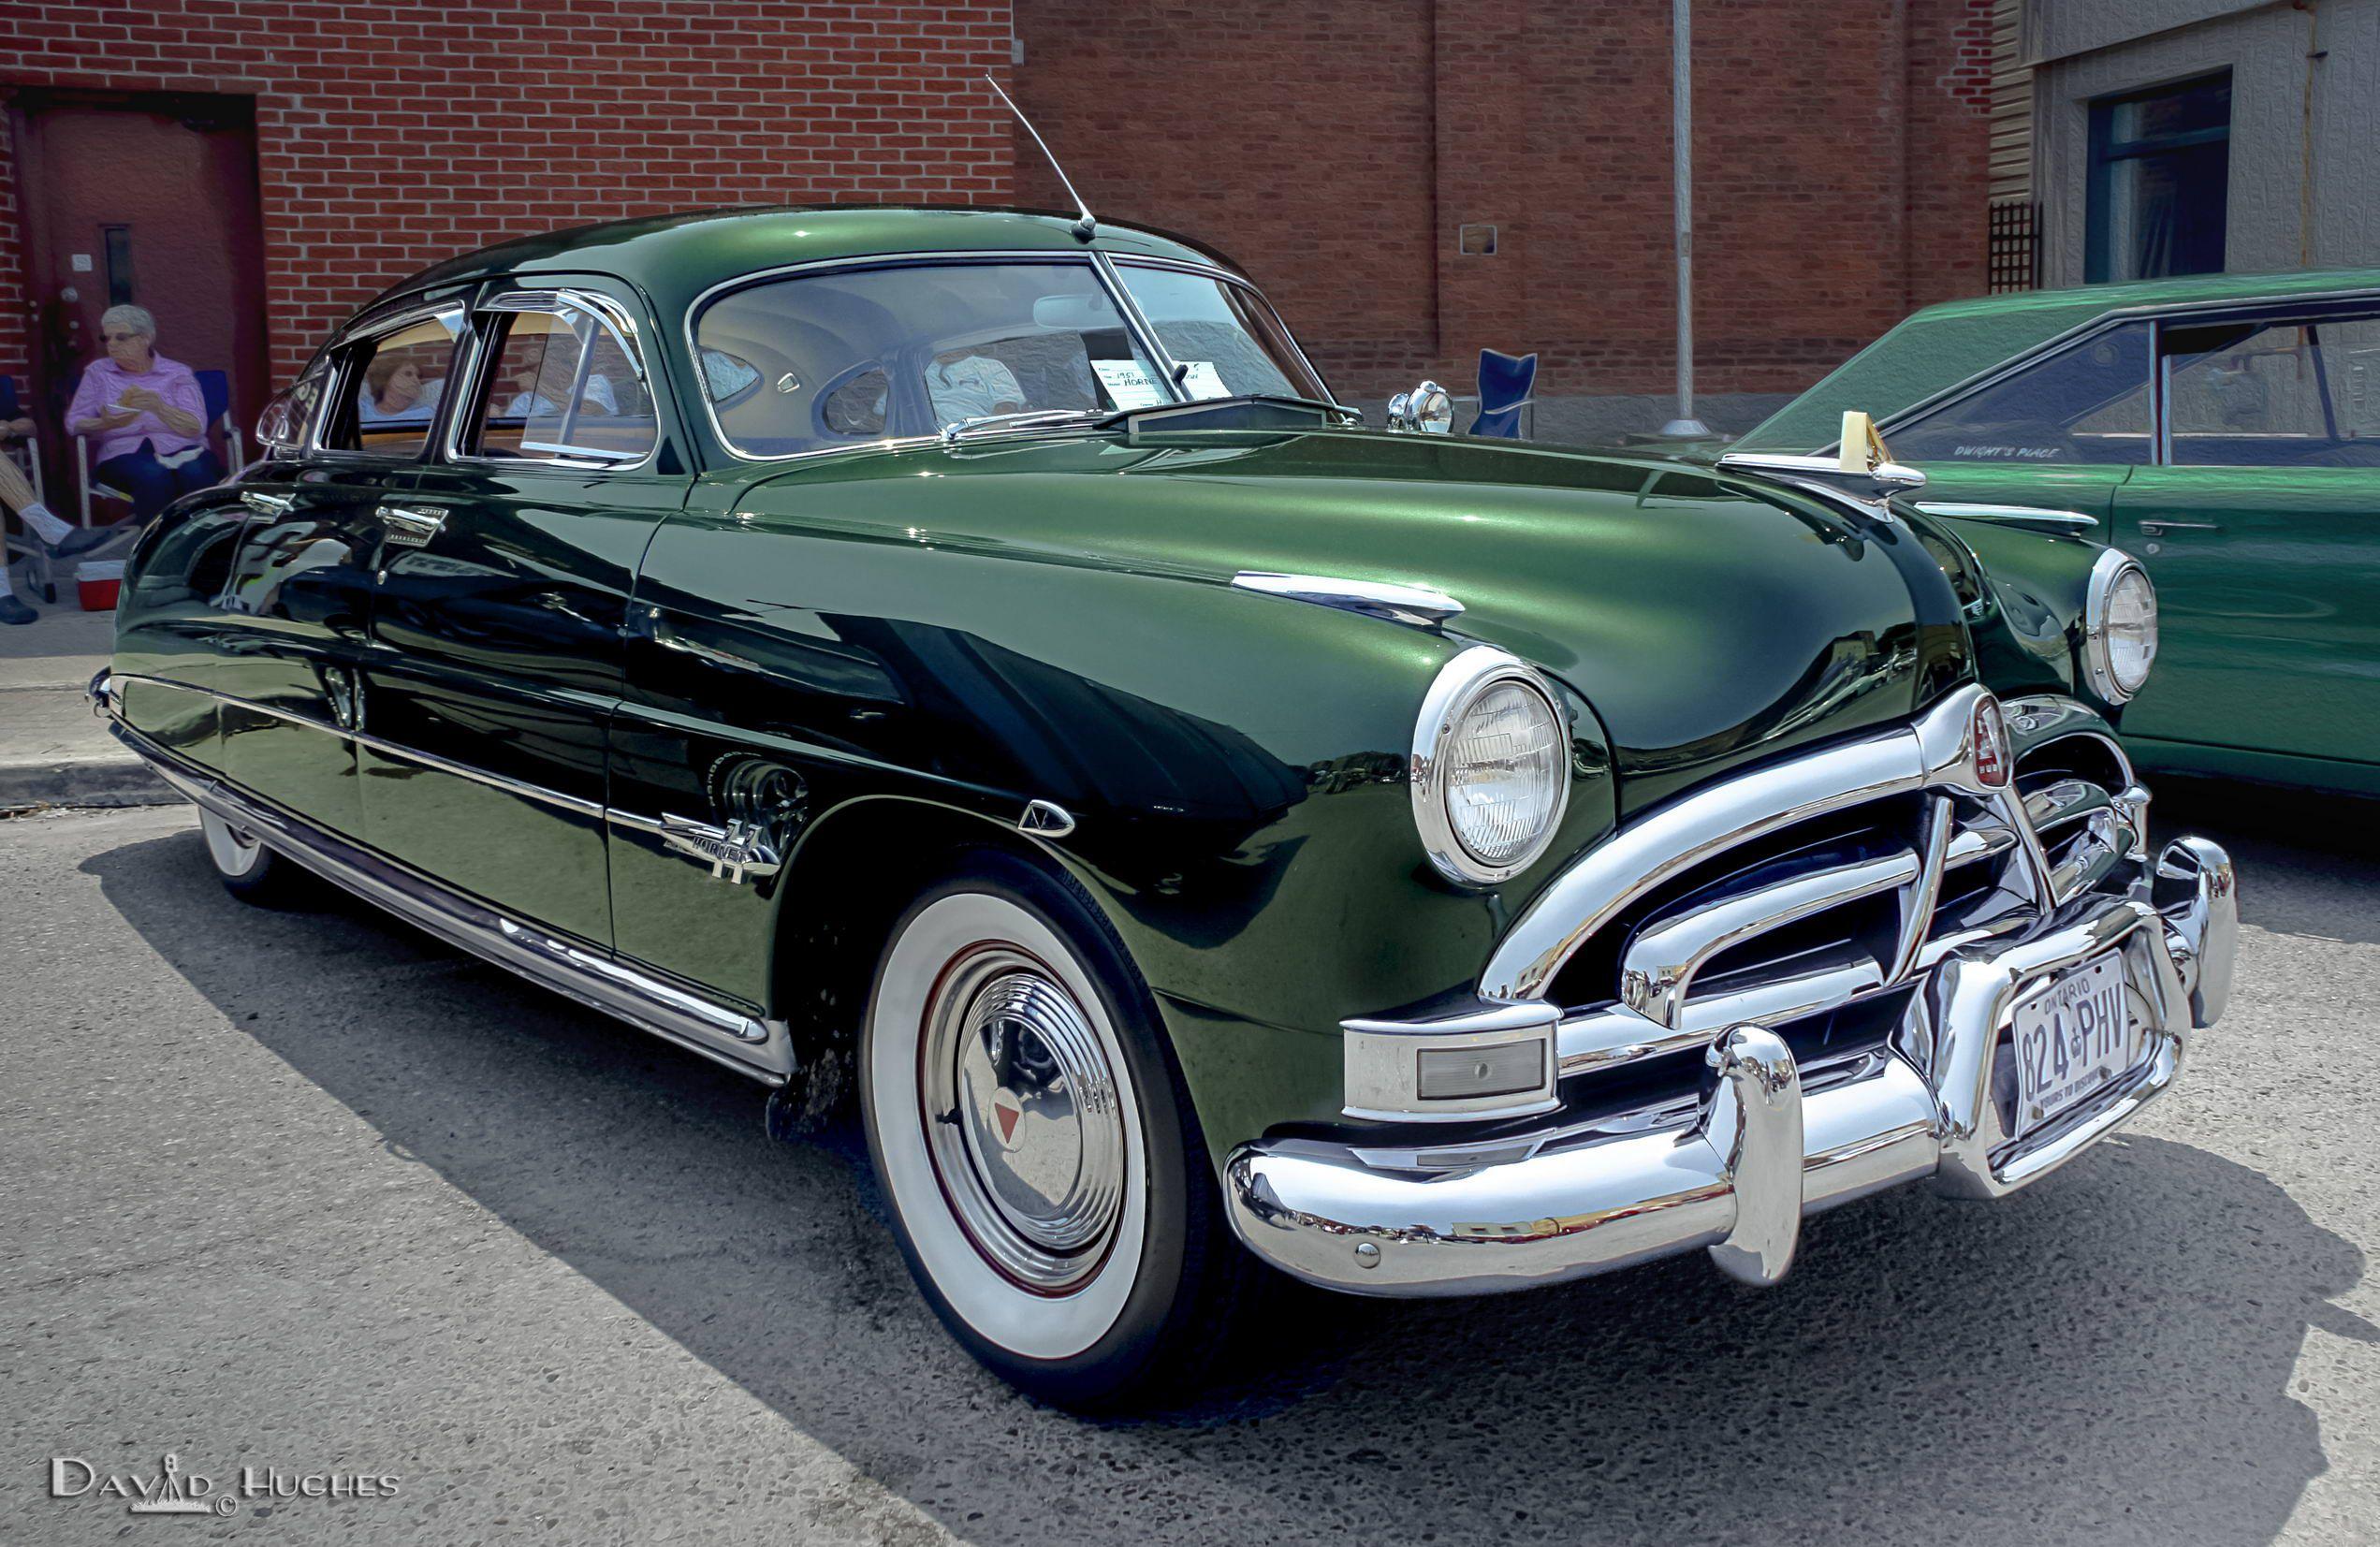 1951 Hudson Hornet Emerald Green 2011 Millbrook Car Show